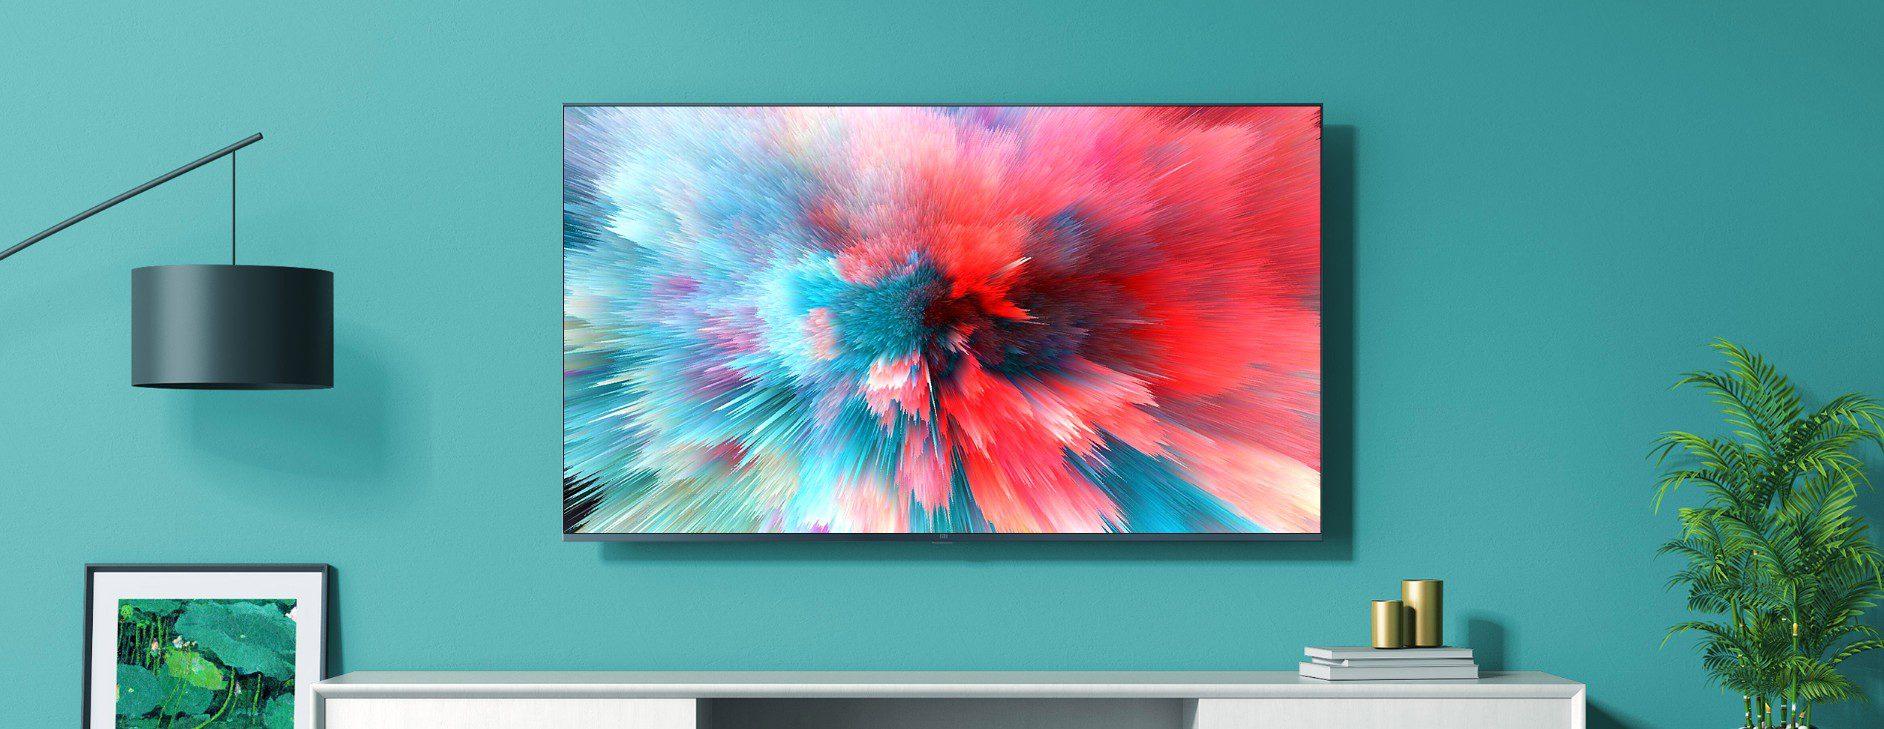 Jak ustawić upłynnianie ruchu w telewizorach Xiaomi?